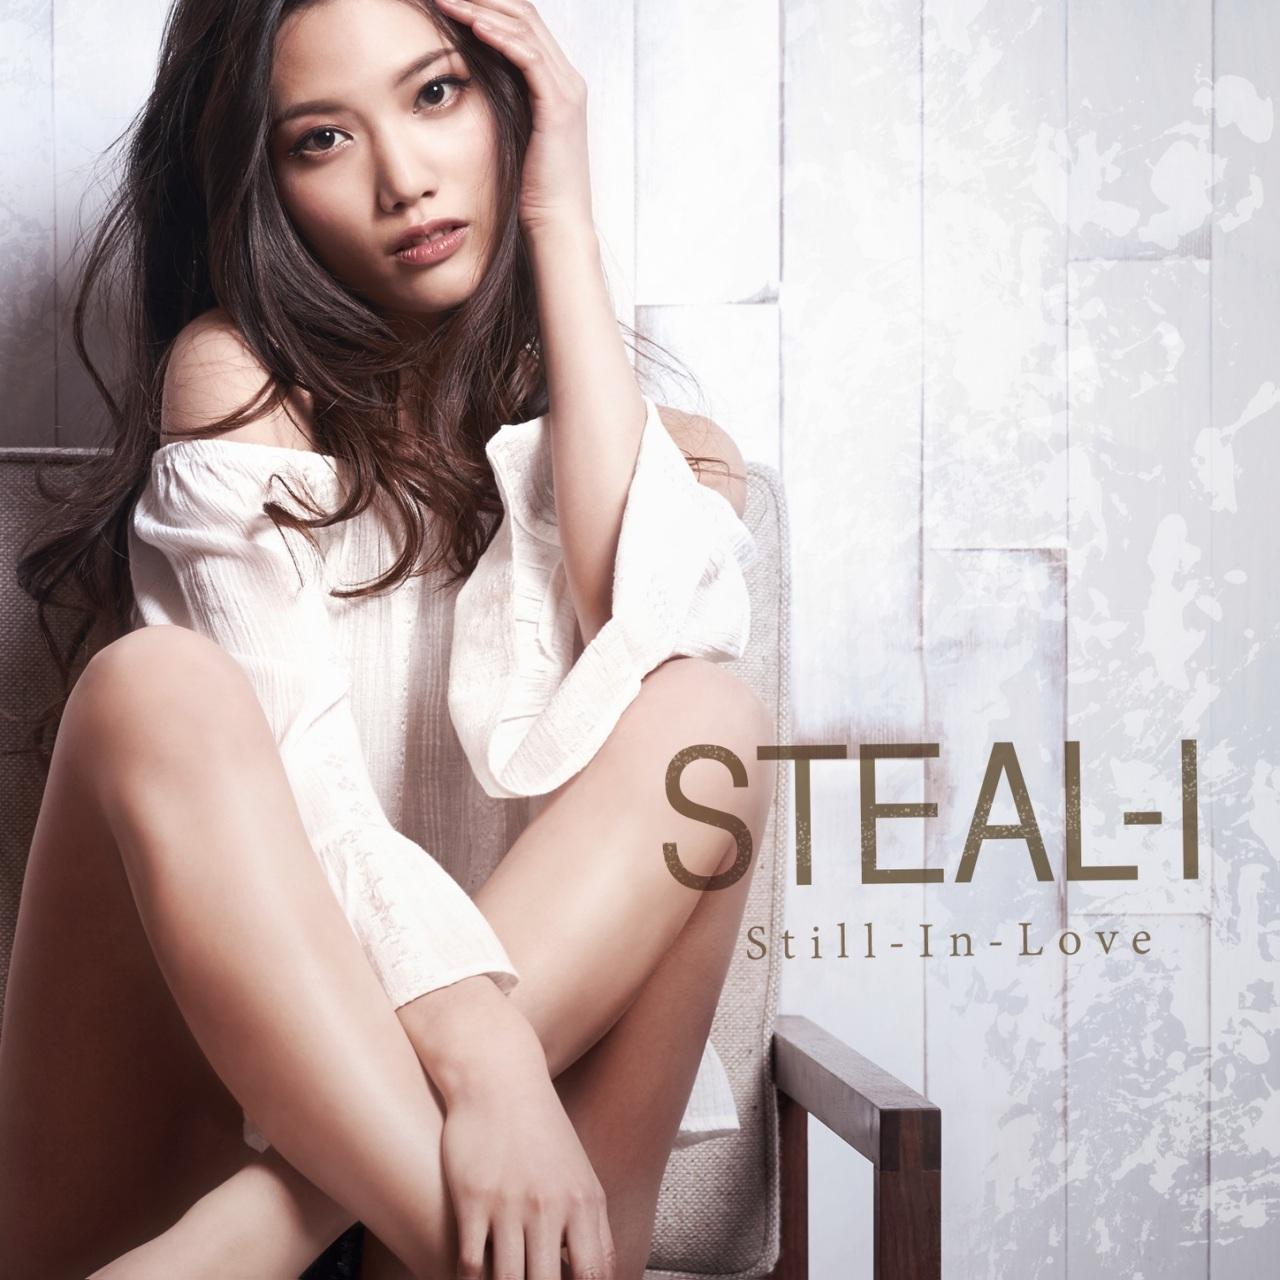 STEAL-I(泉佳伸) 2nd Album「Still-In-Love」